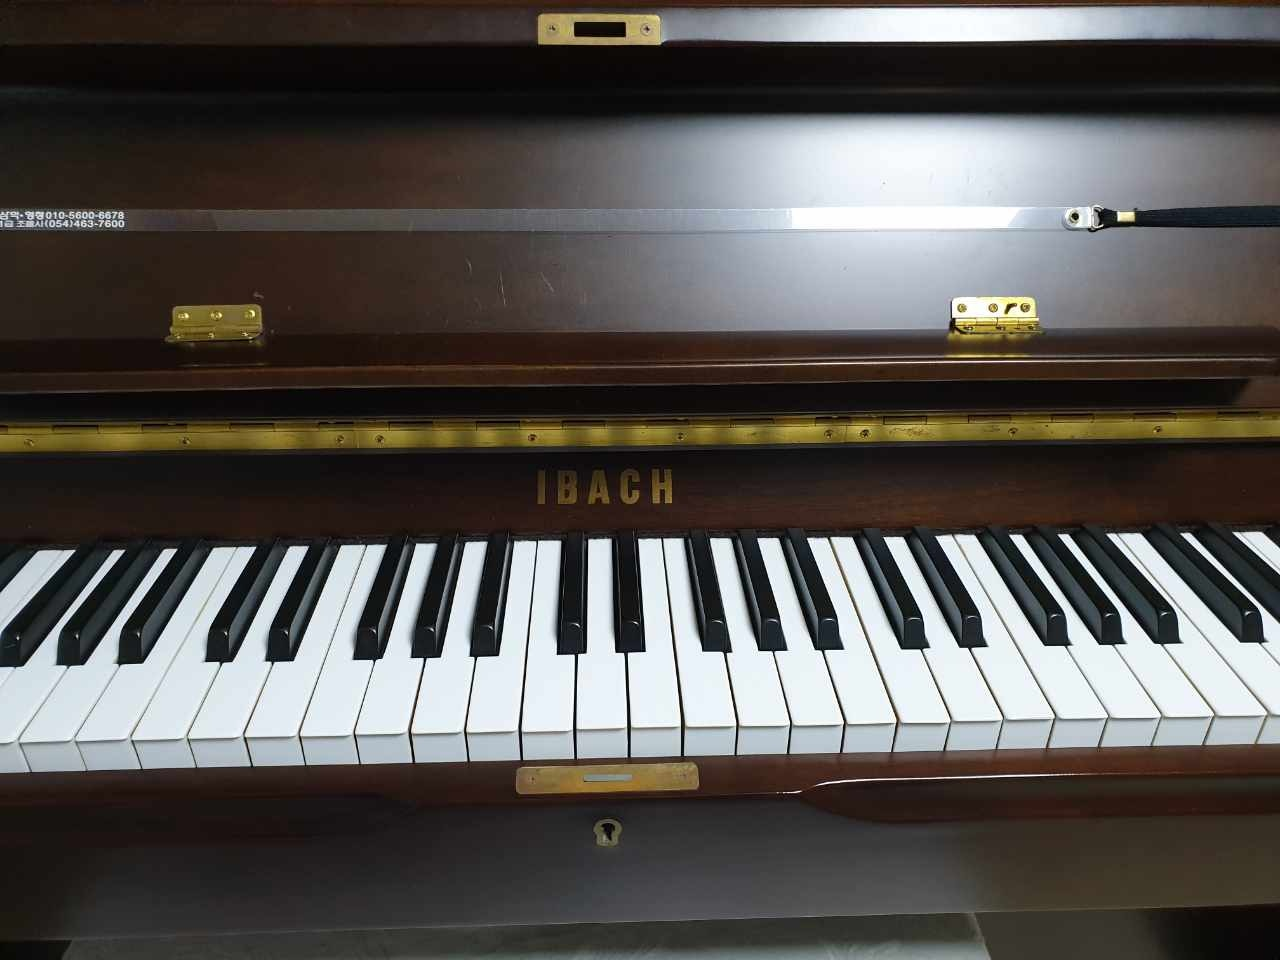 이바하 중고 피아노 ibach 가격다운